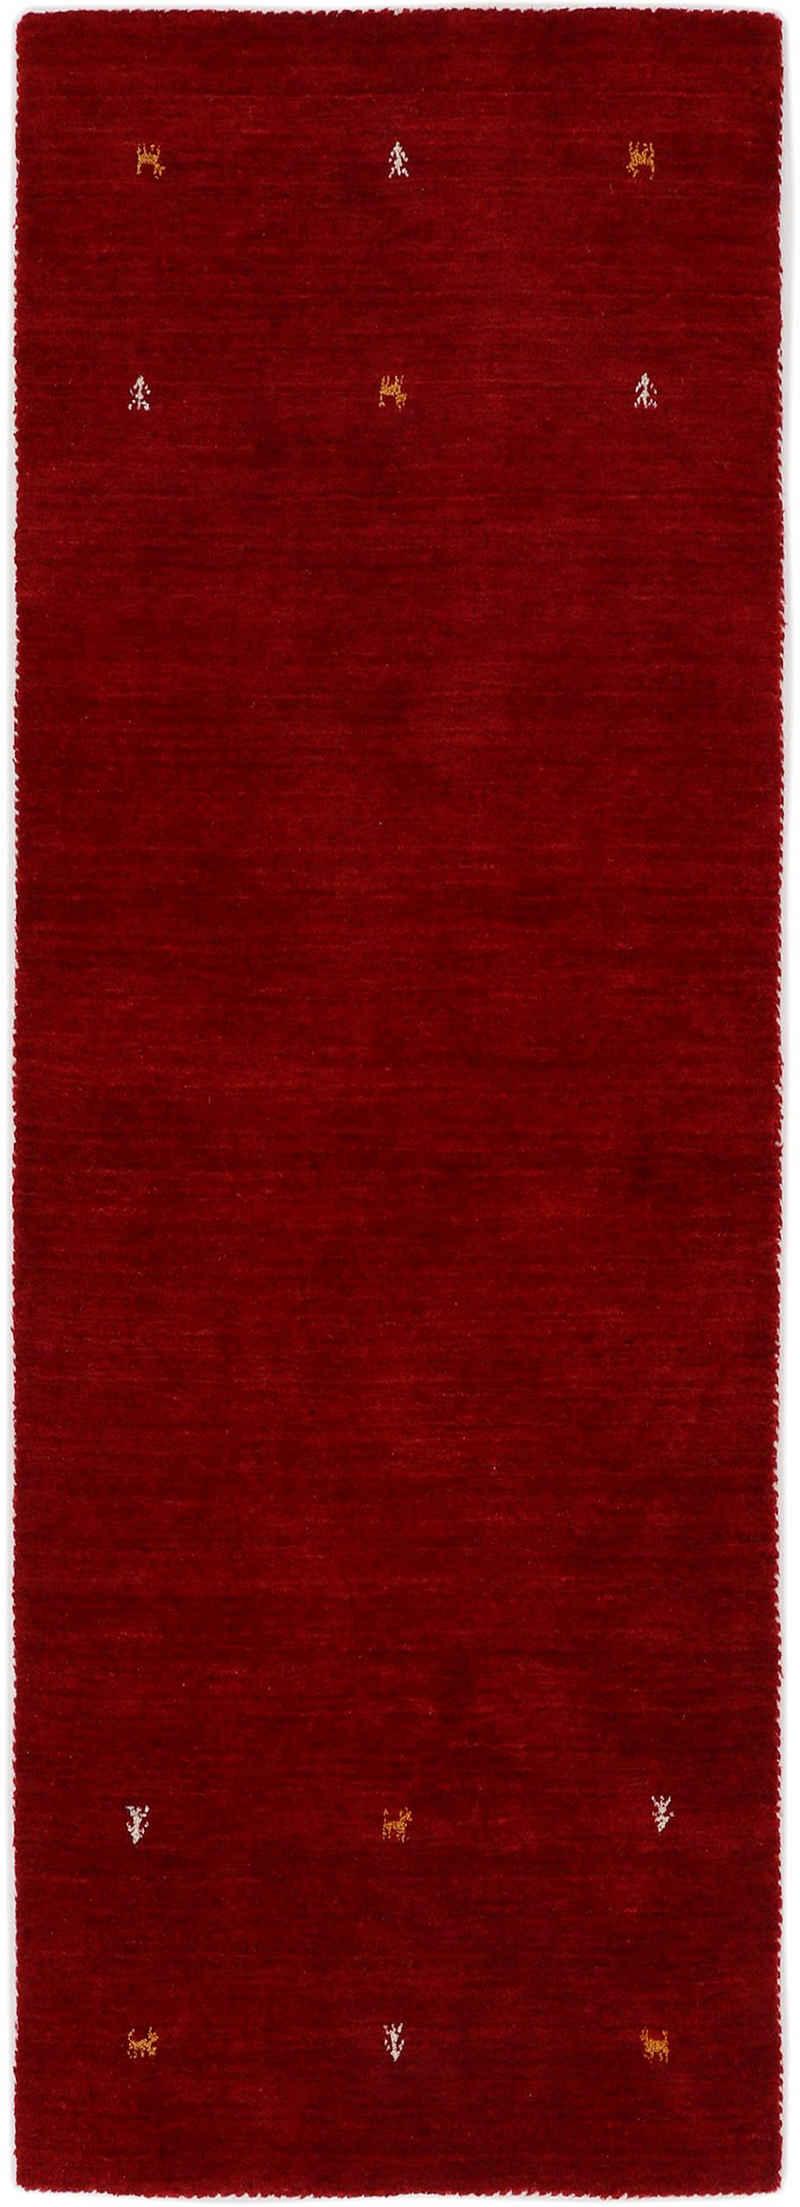 Läufer »Gabbeh Uni«, carpetfine, rechteckig, Höhe 15 mm, reine Wolle, handgewebt, Gabbeh Tiermotiv